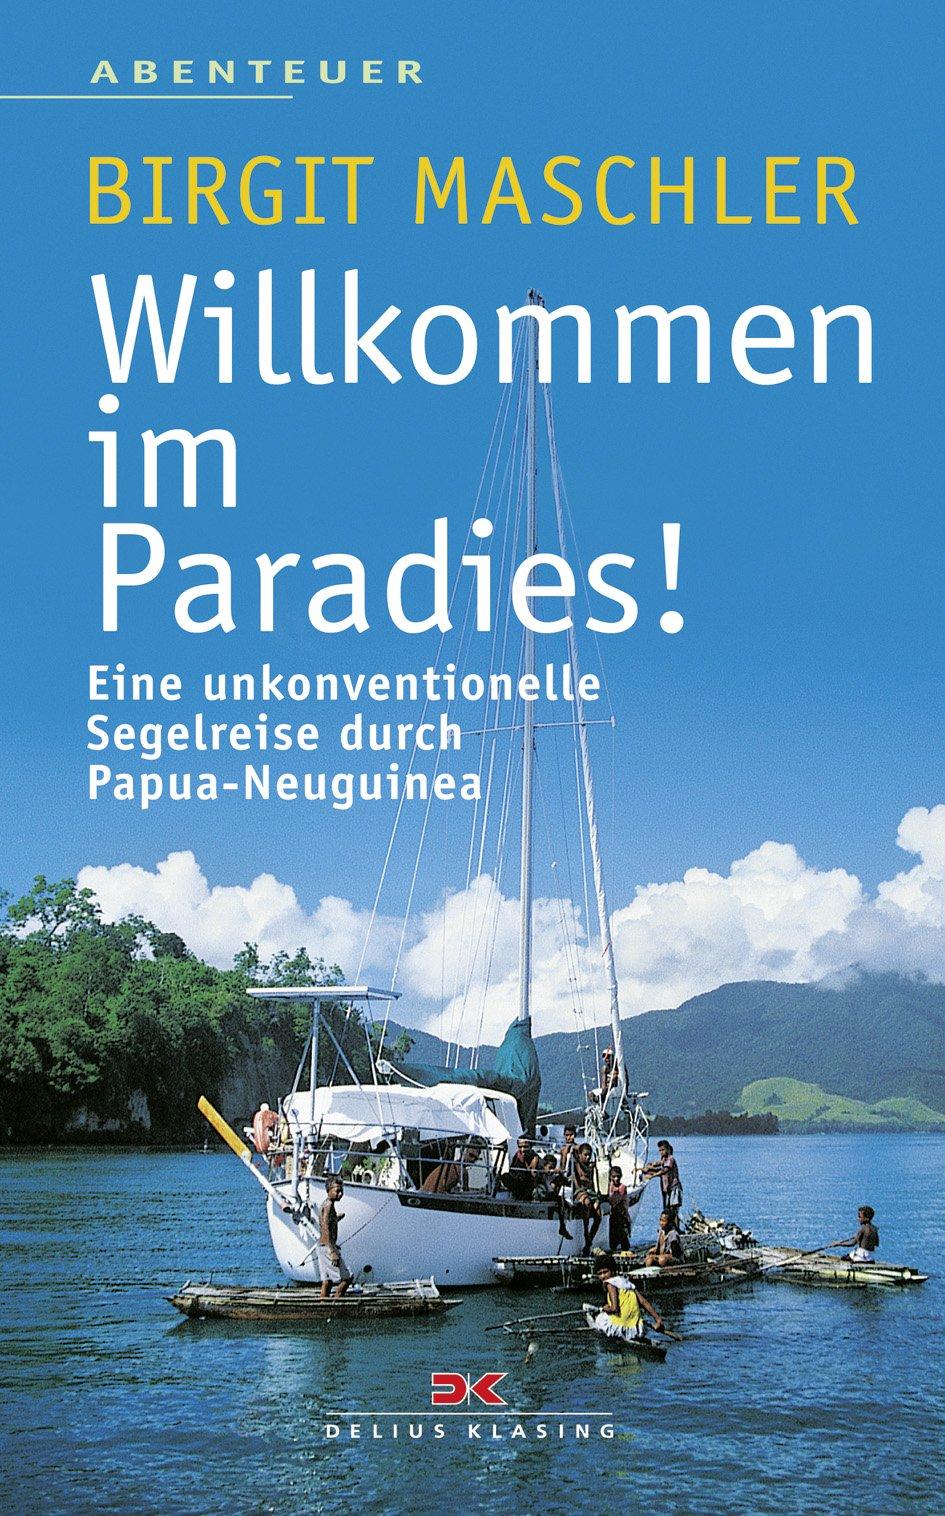 Willkommen im Paradies! Eine unkonventionelle Segelreise durch Papua-Neuguinea.